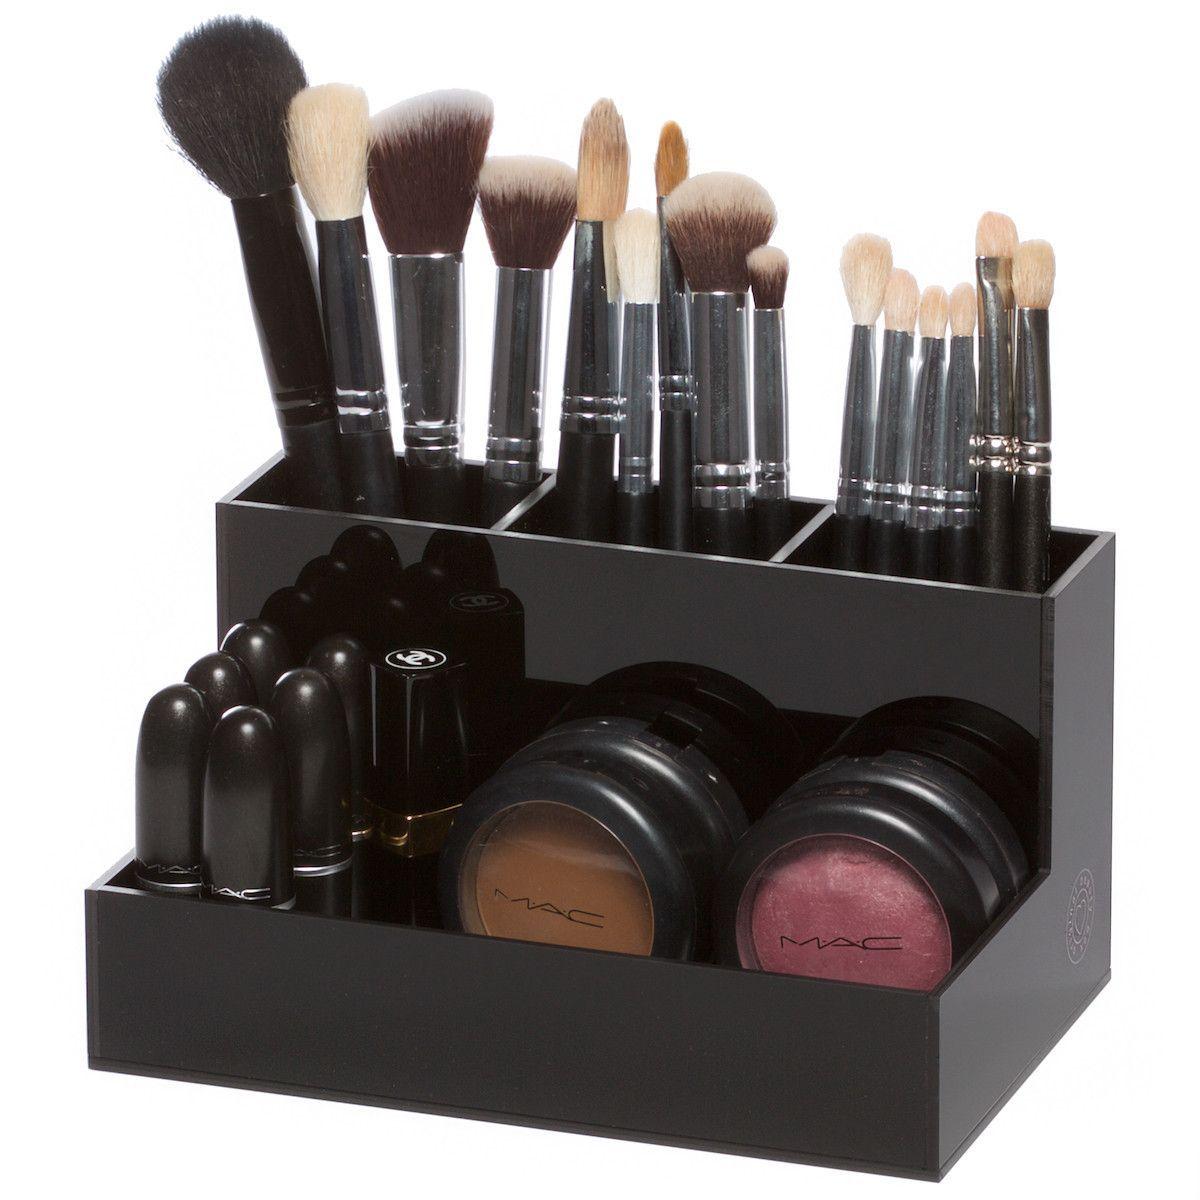 BLACK BRUSH HOLDER | Acrylic organizer makeup, Acrylic makeup